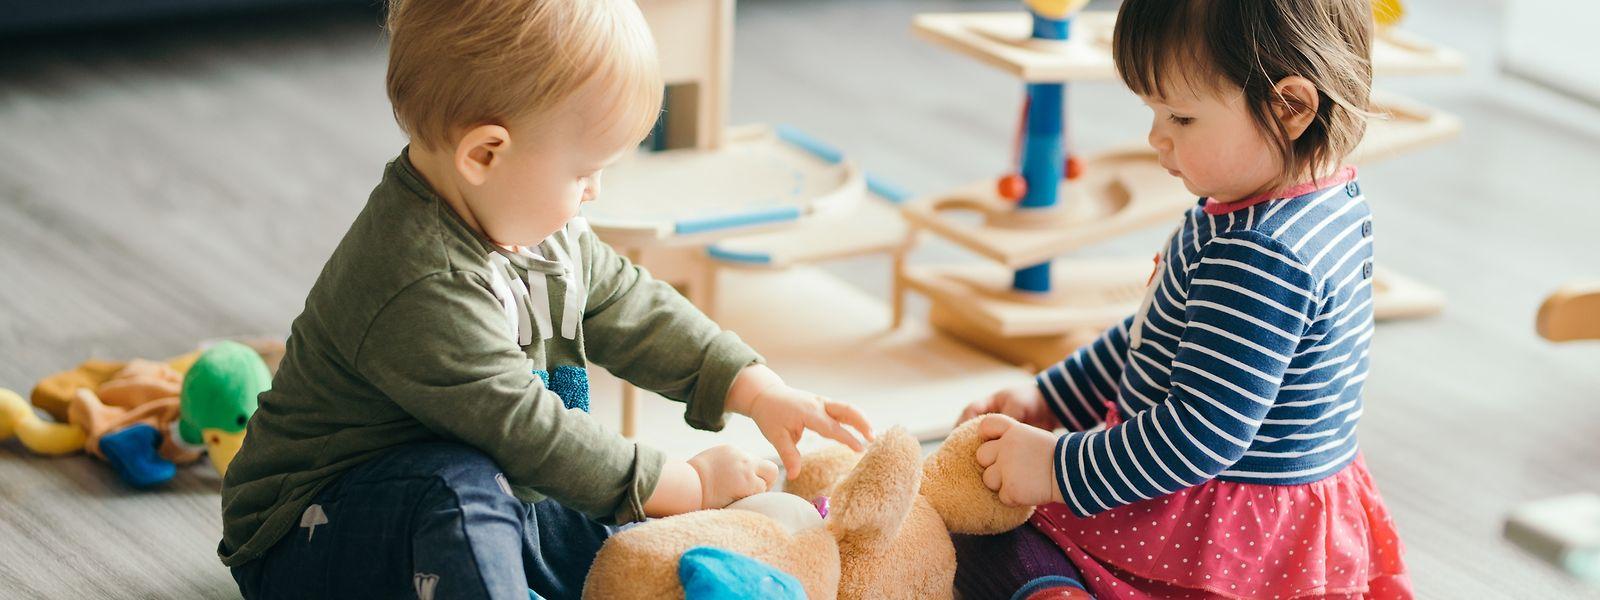 Les crèches devant fermer jusqu'au 10 janvier, au moins, les parents de petits enfants pourront bénéficier d'un congé pour raison familiale pour s'occuper de leur tout-petit.